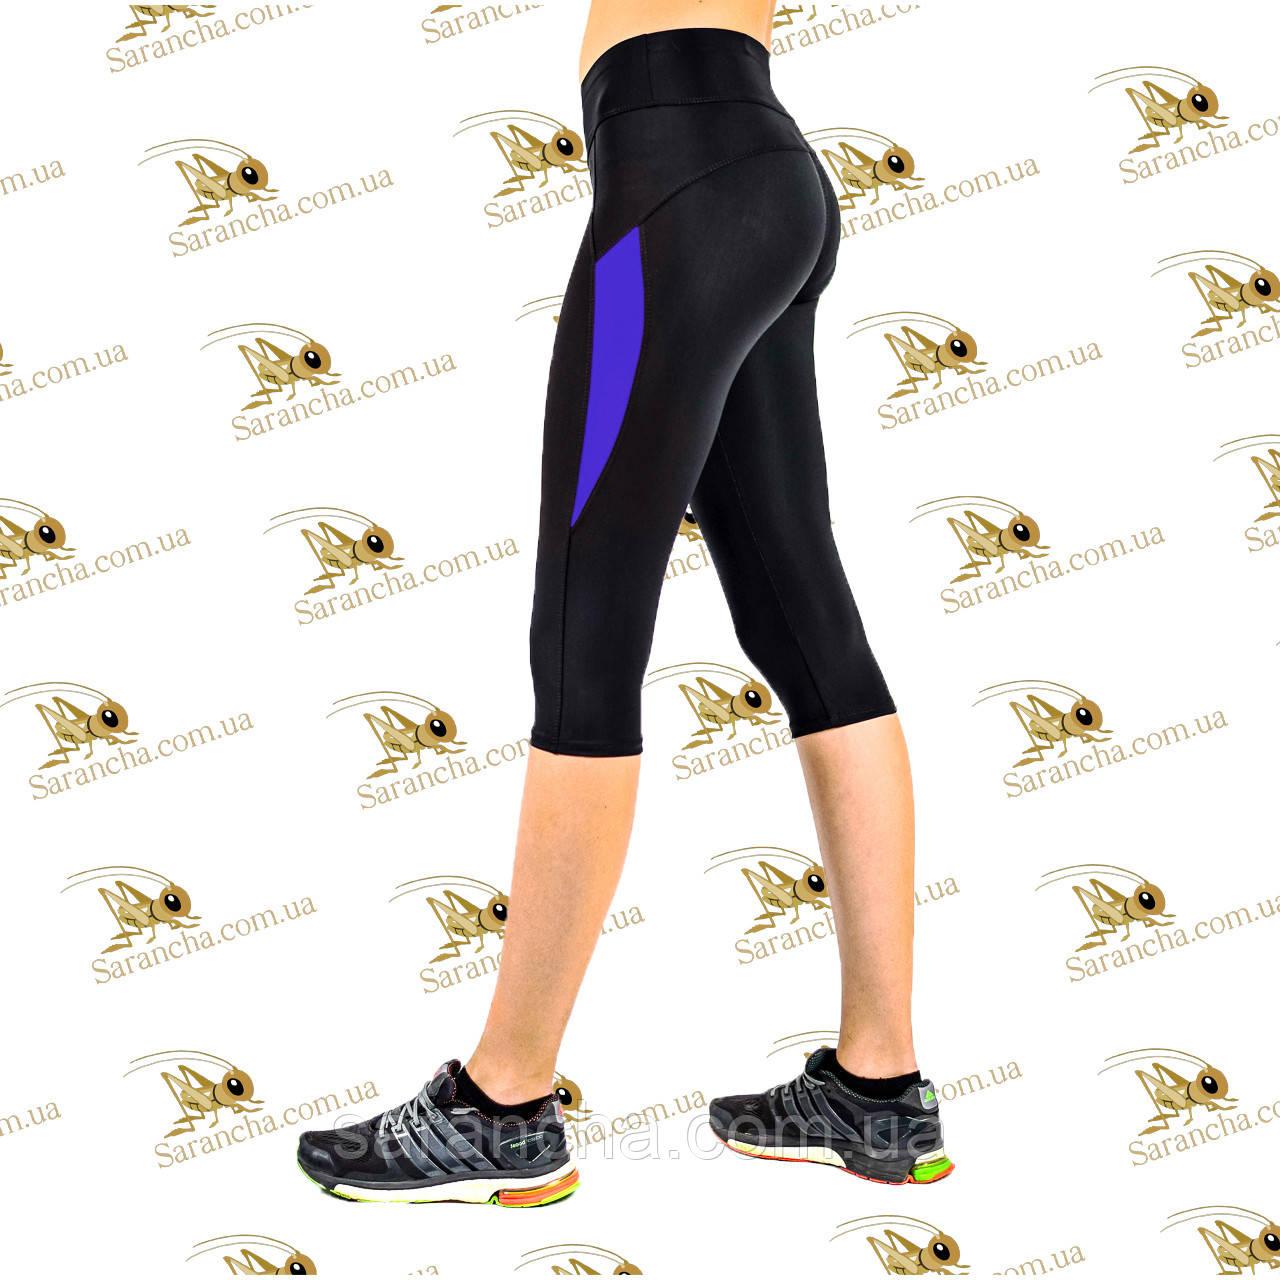 Жіночі спортивні бриджі чорний матовий біфлекс з фіолетовими вставками